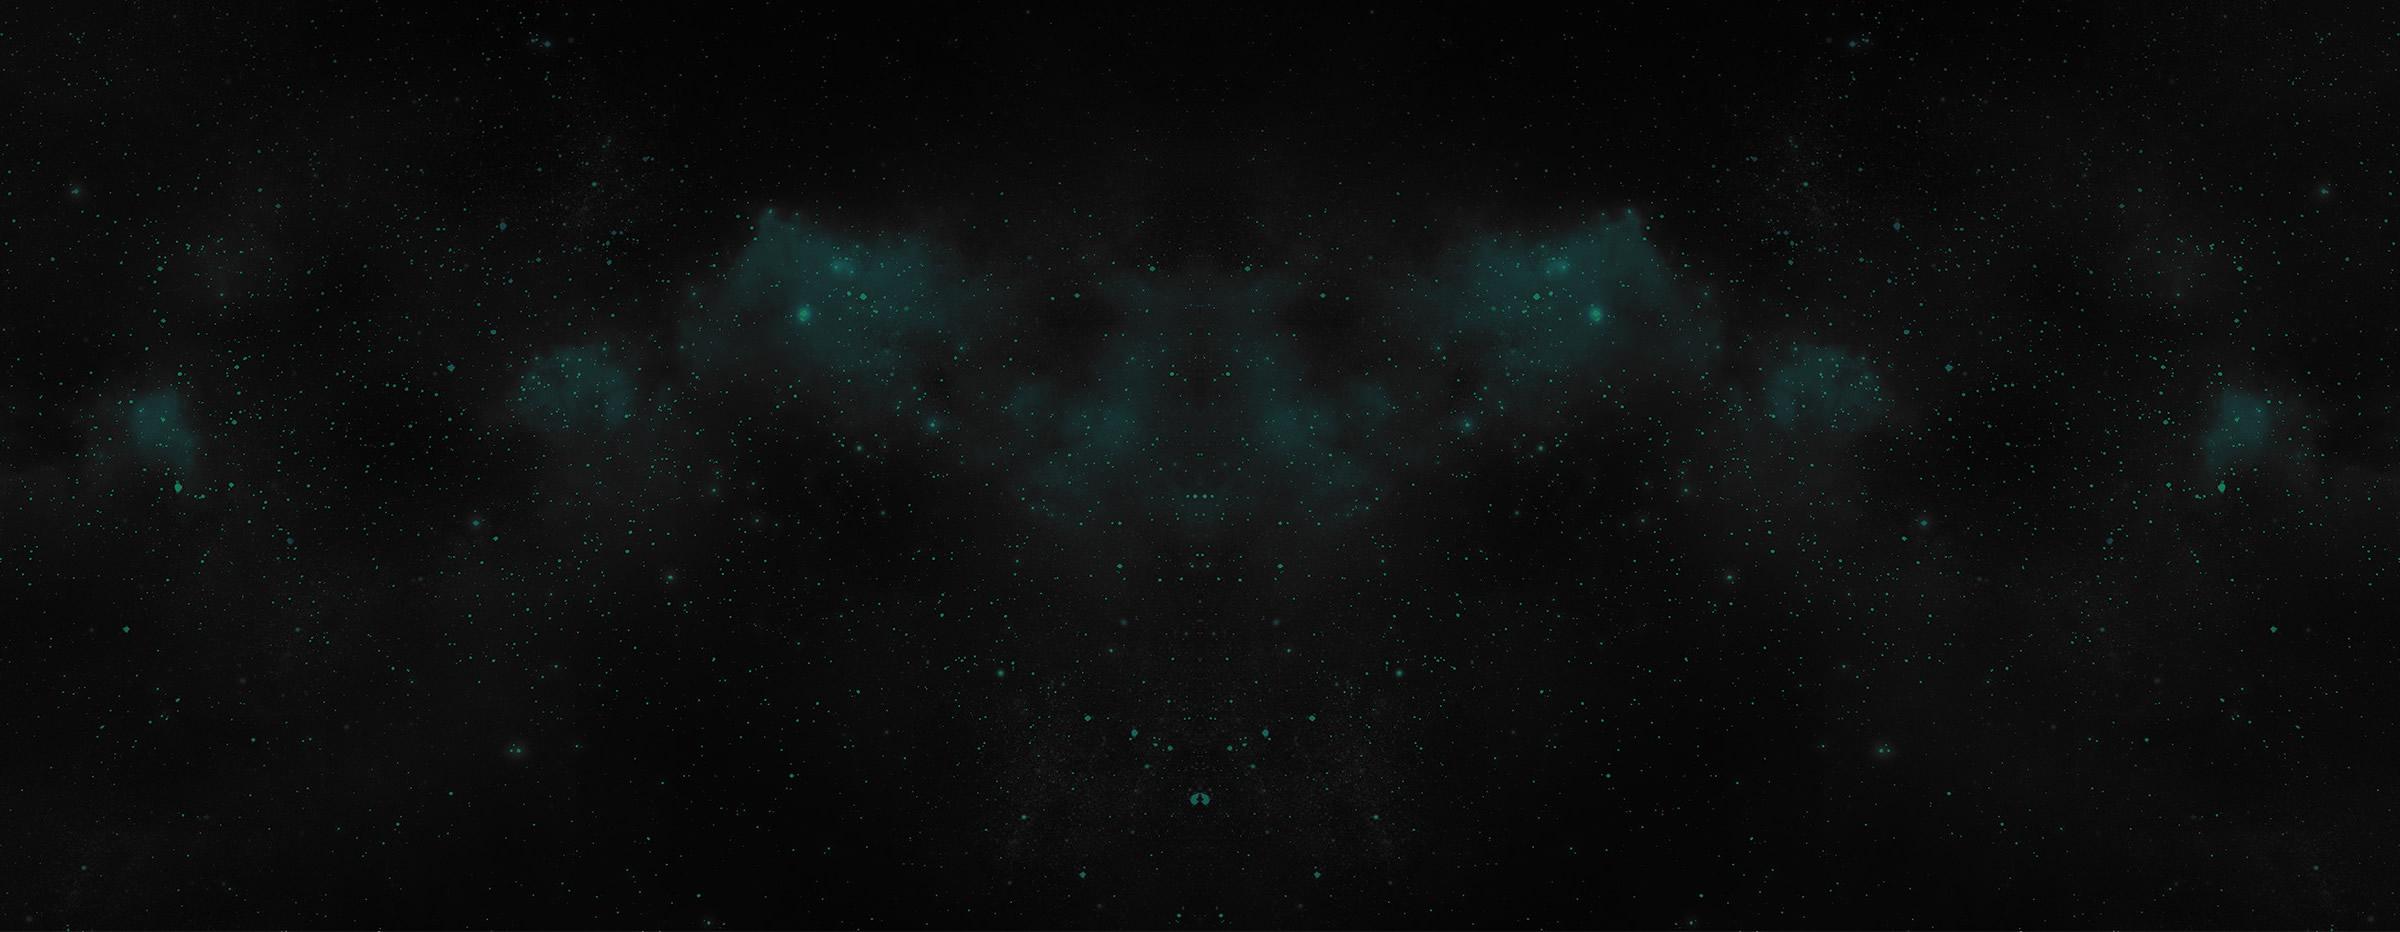 fundo de tela do espaço sideral